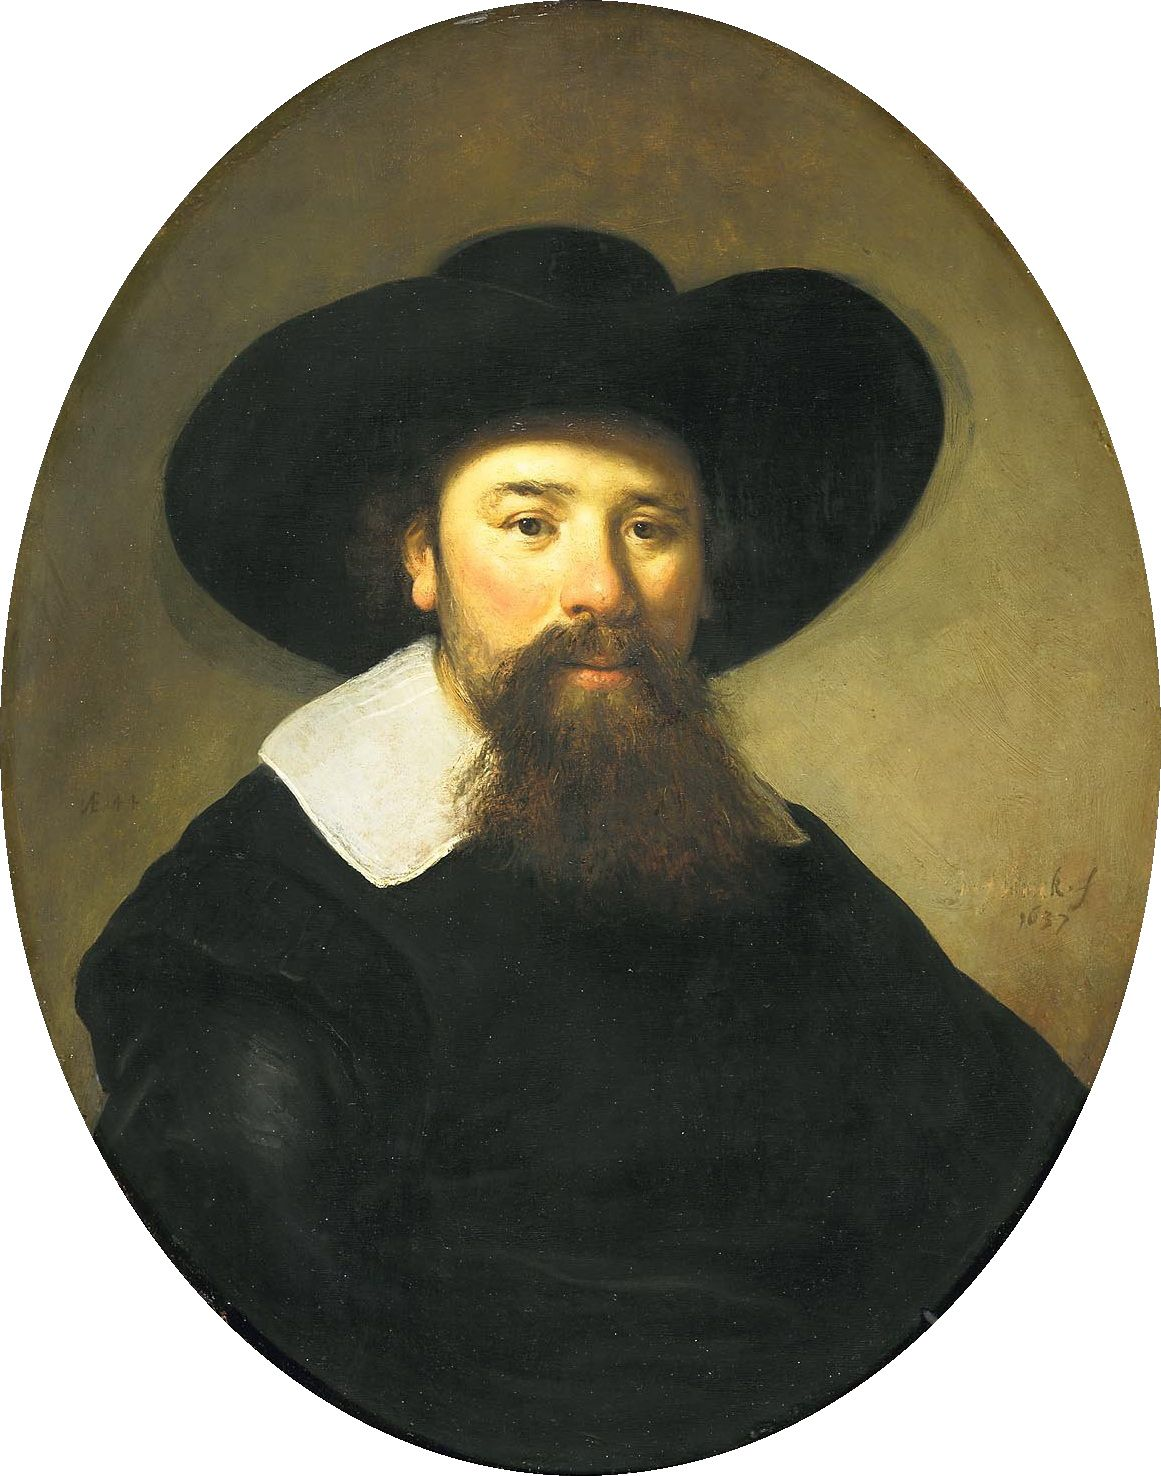 Manasseh Ben Israel